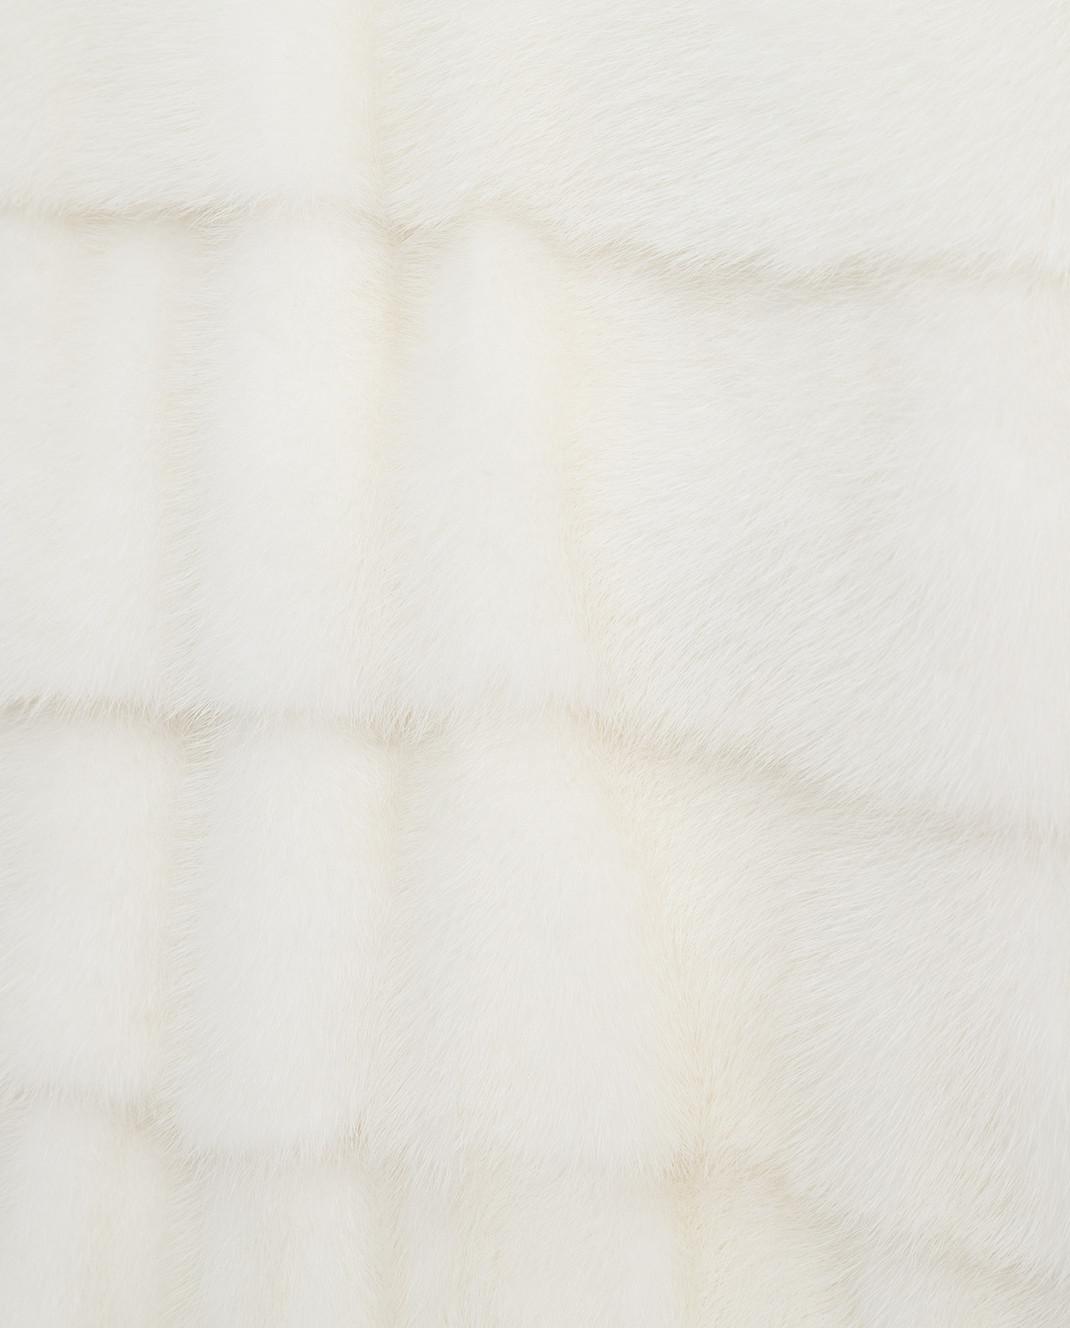 Annabella Белая шуба из норки 5FR1J изображение 5